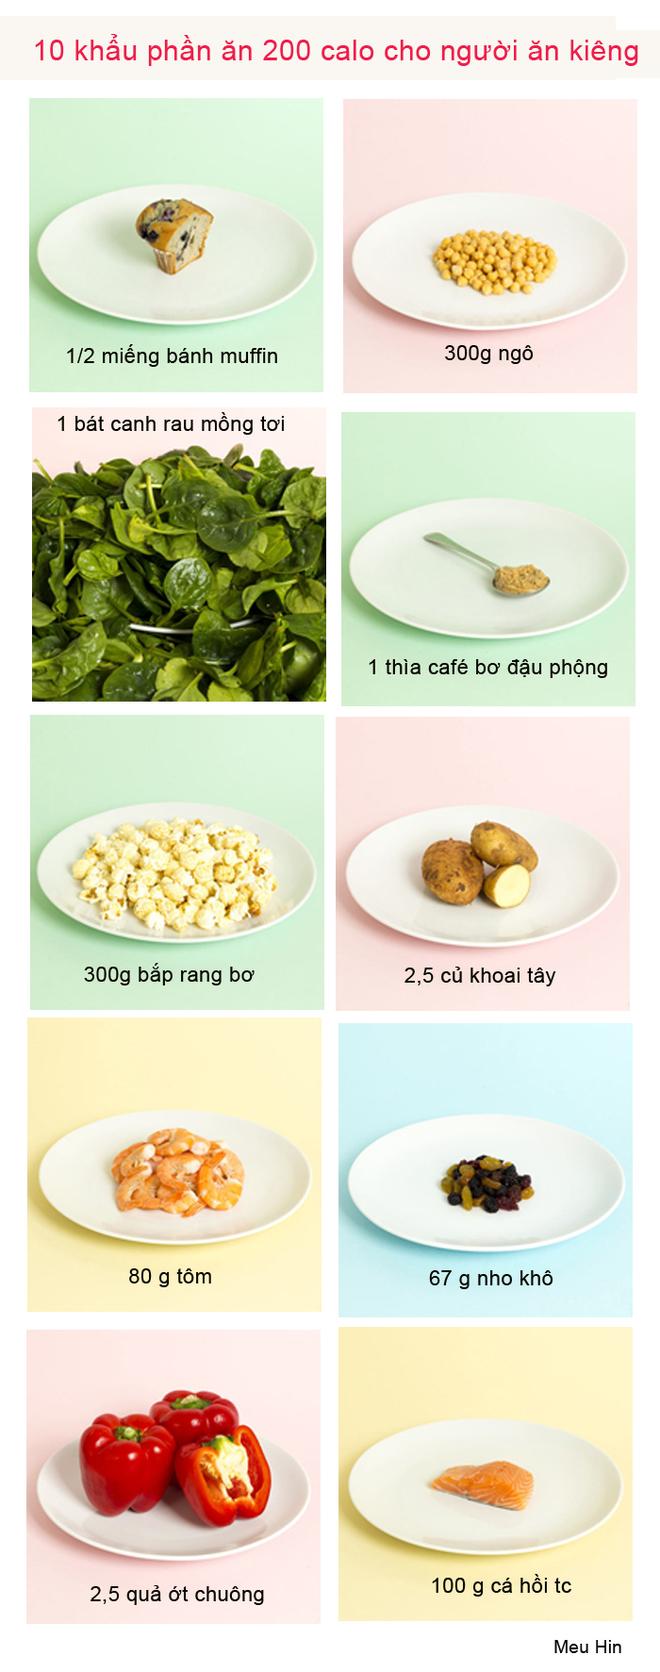 10 khẩu phần ăn 200 calo cho người ăn kiêng